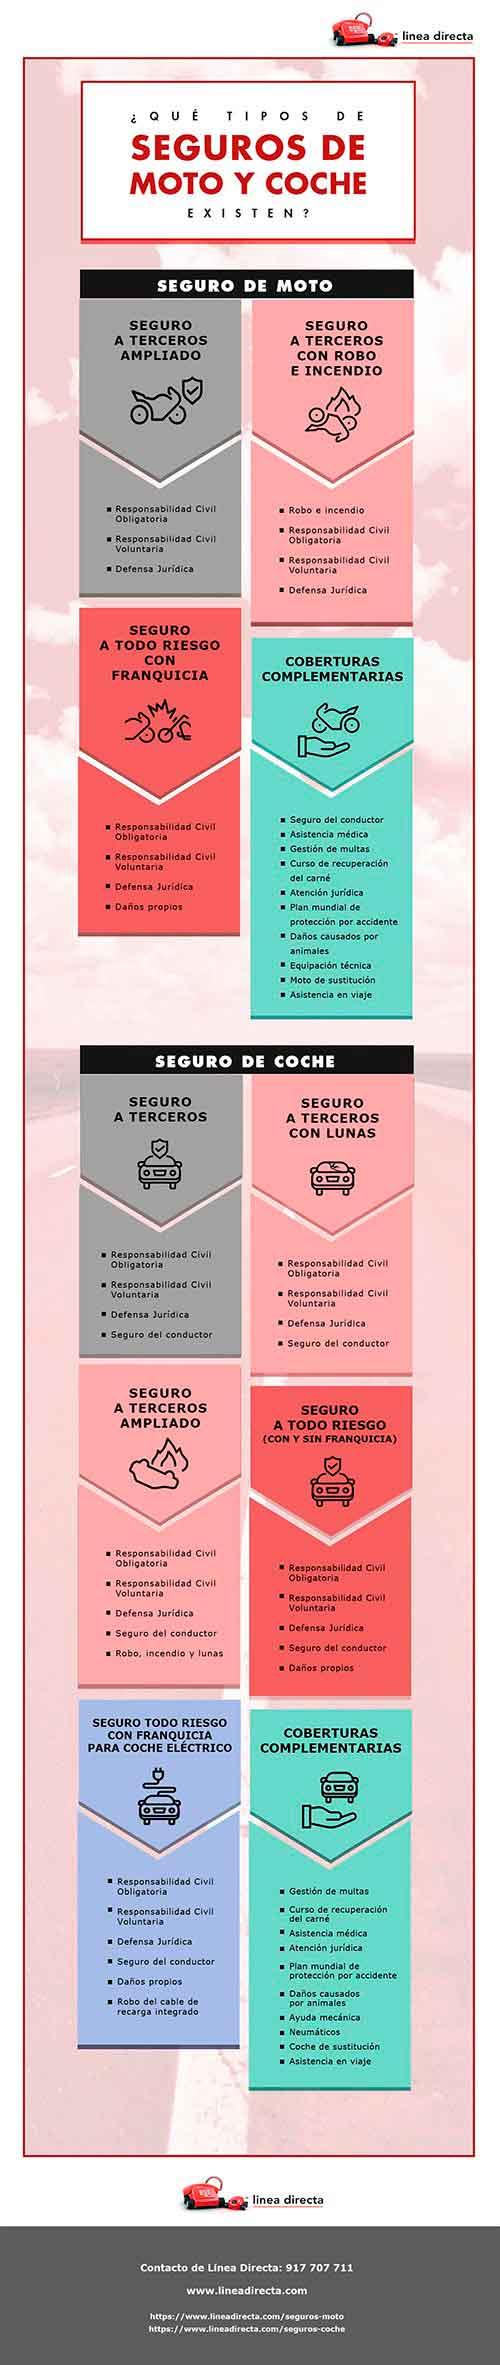 Infografia ¿Qué tipo de seguros de coche existen?